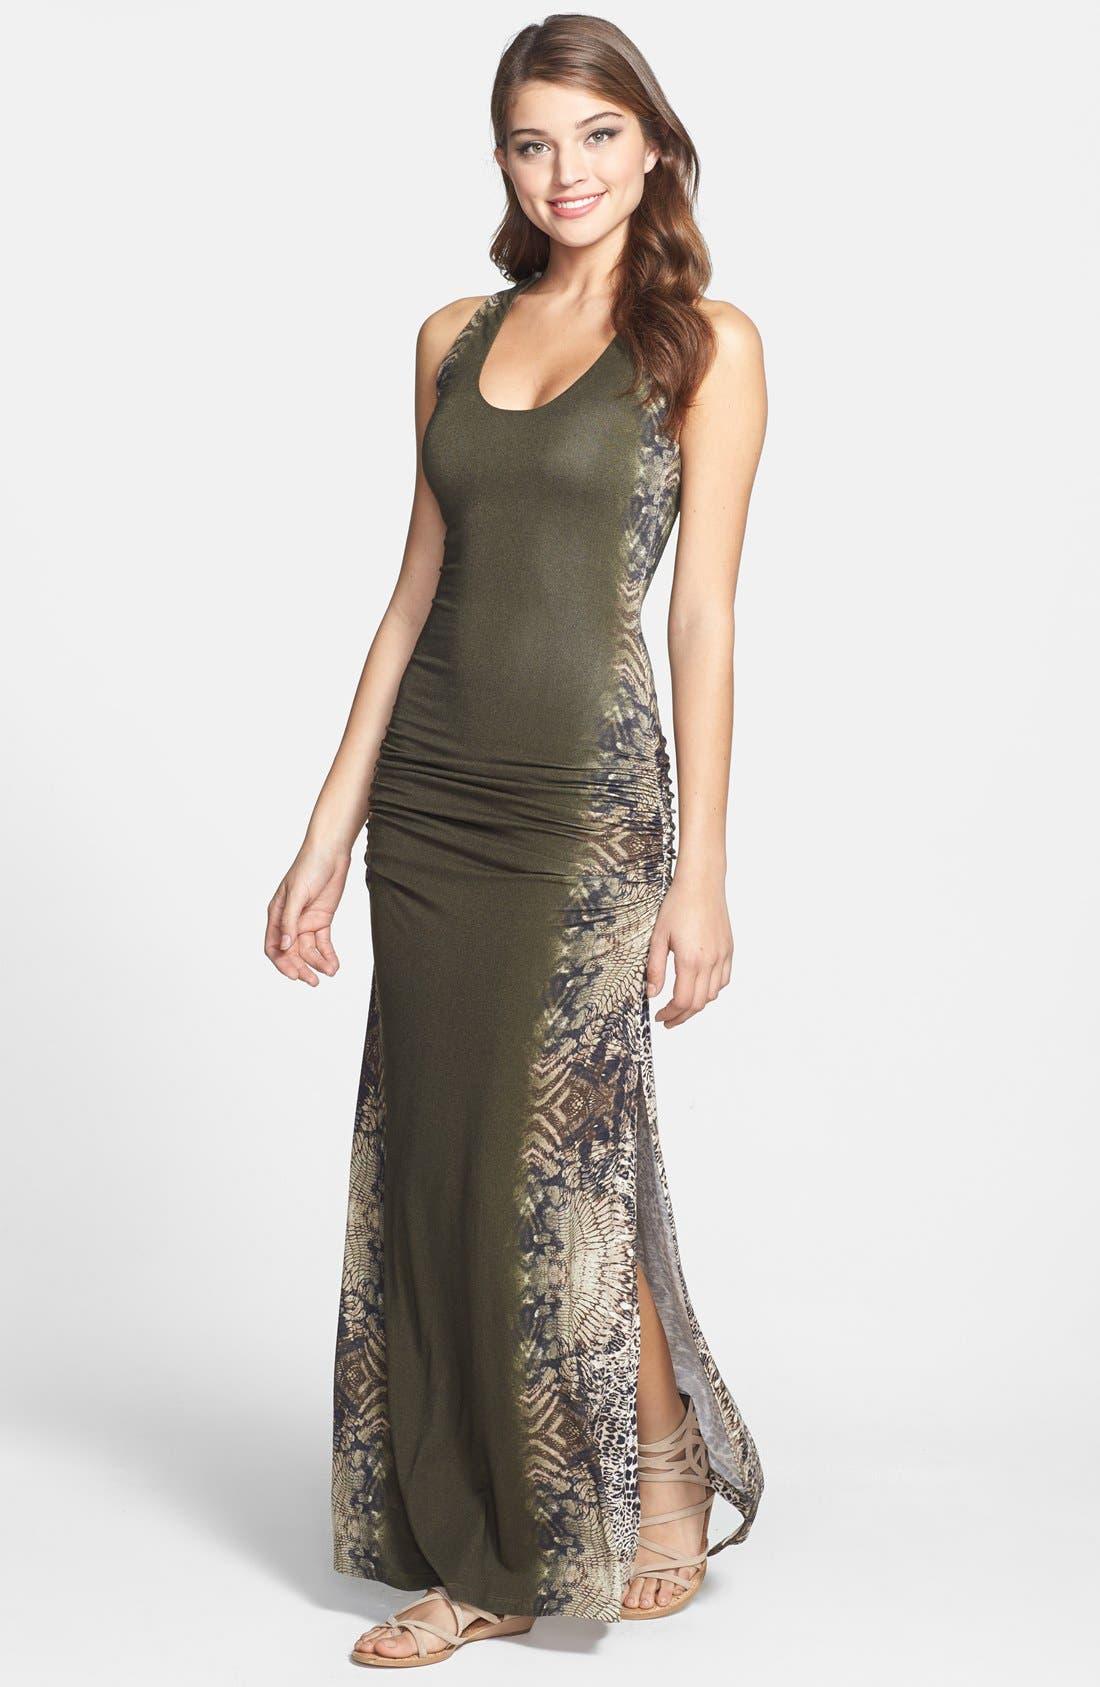 Main Image - Sky 'Iakova' Print Ruched Jersey Maxi Dress